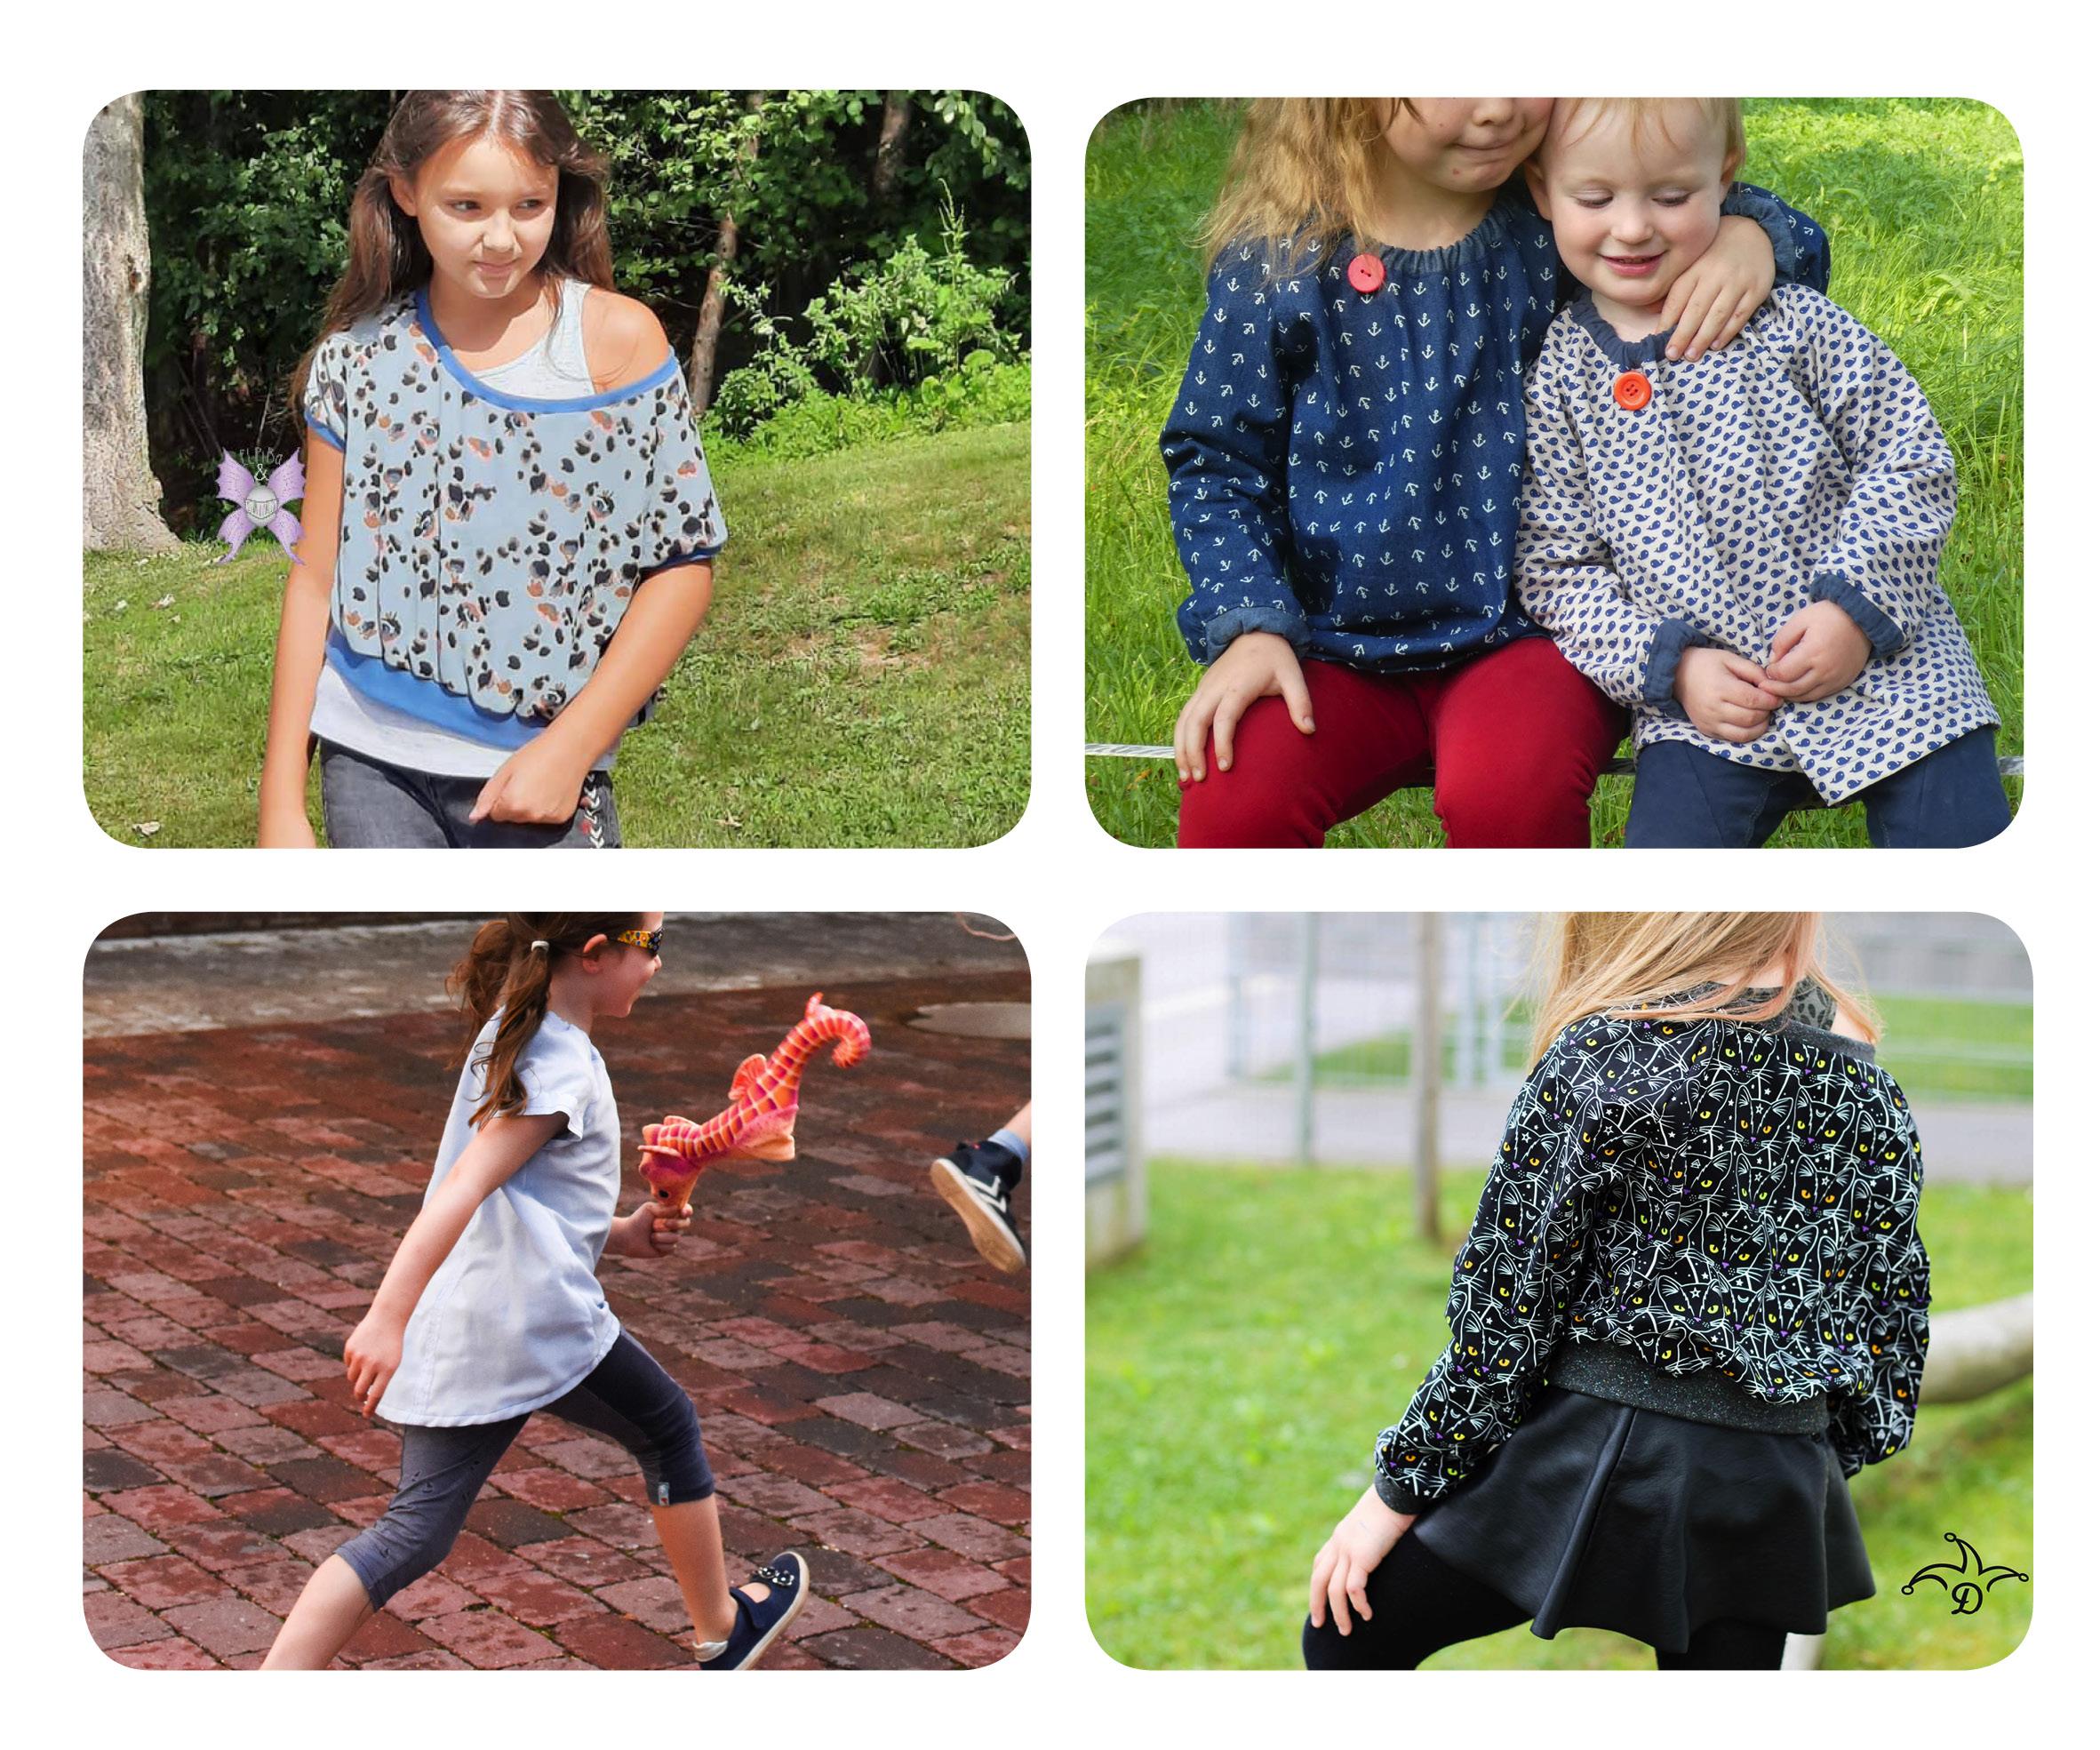 Raglanbluse: Designbeispiele zum Mädchen Schnittmuster